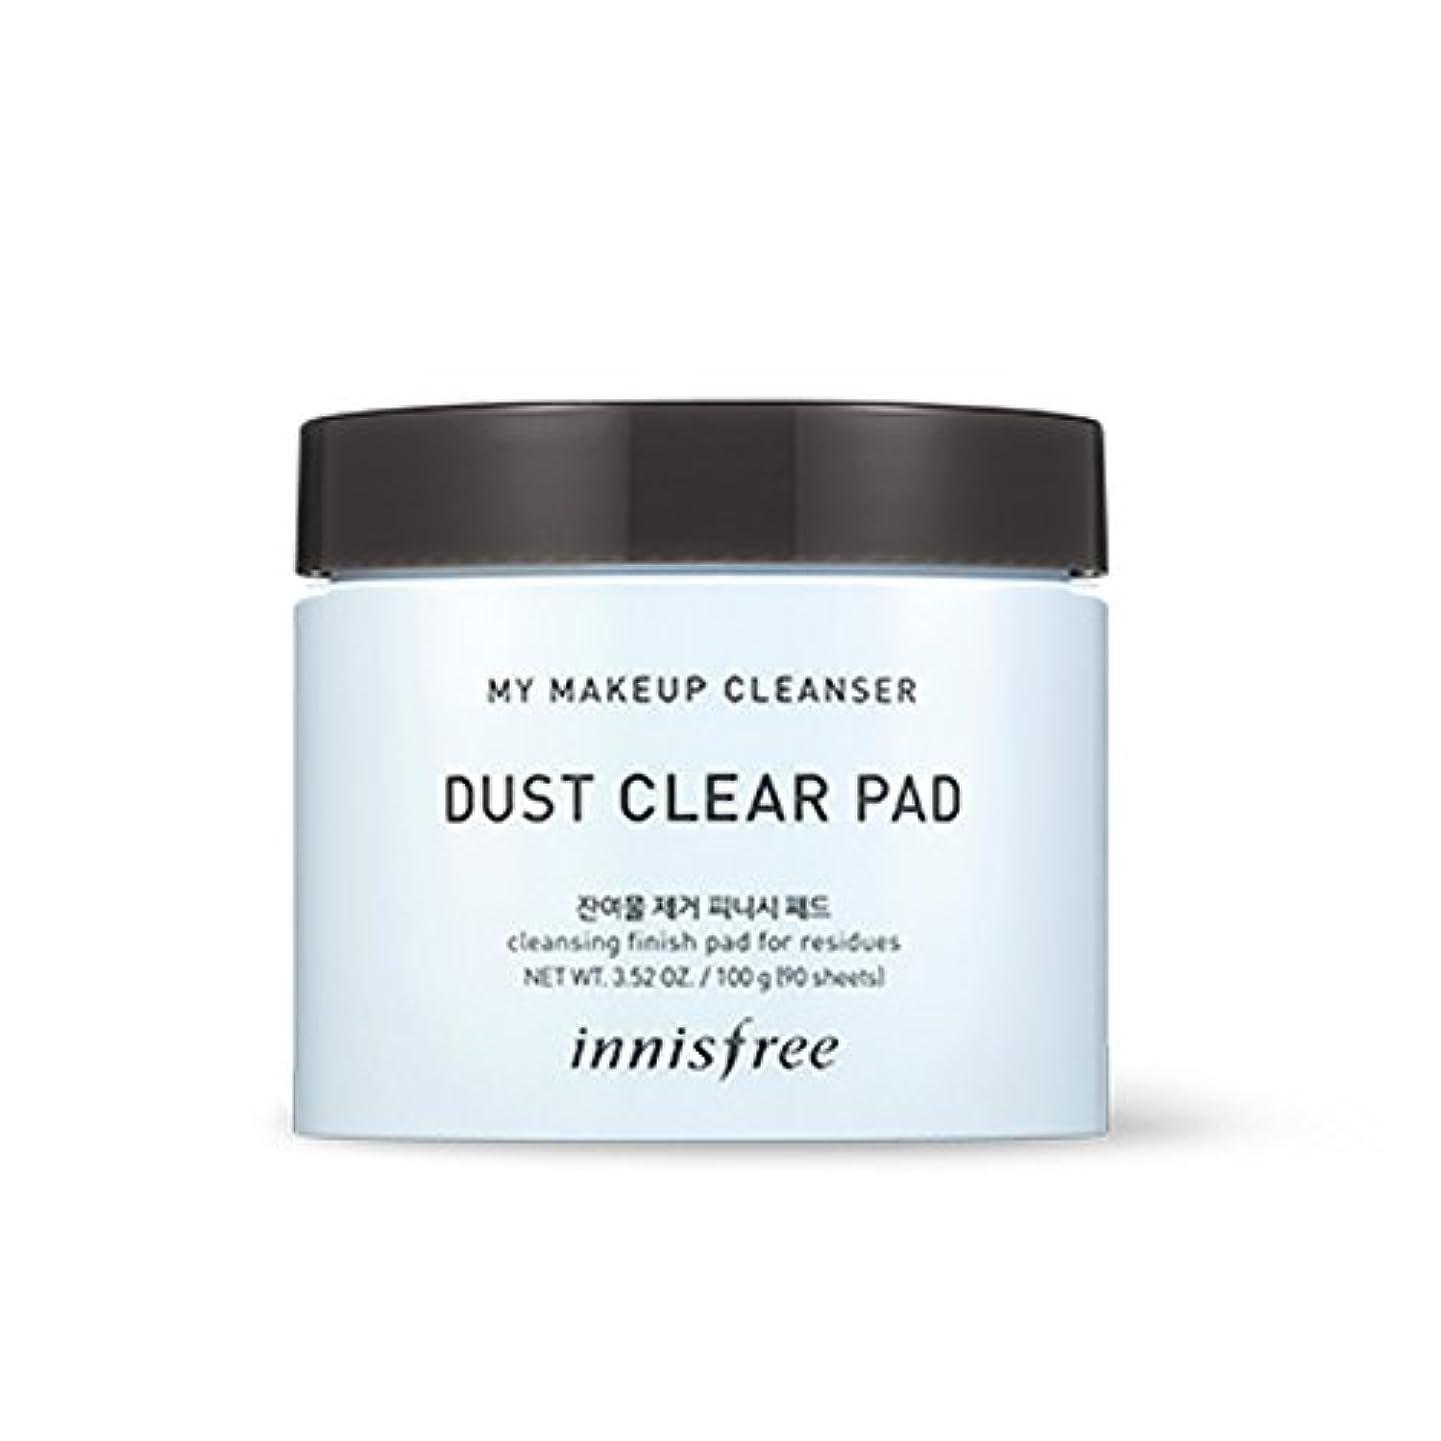 シーボード不実時代イニスフリーマイメイクアップクレンザー - ダストクリアパッド90ea x 1個 Innisfree My Makeup Cleanser - Dust Clear Pad 90ea x 1pcs [海外直送品][並行輸入品]